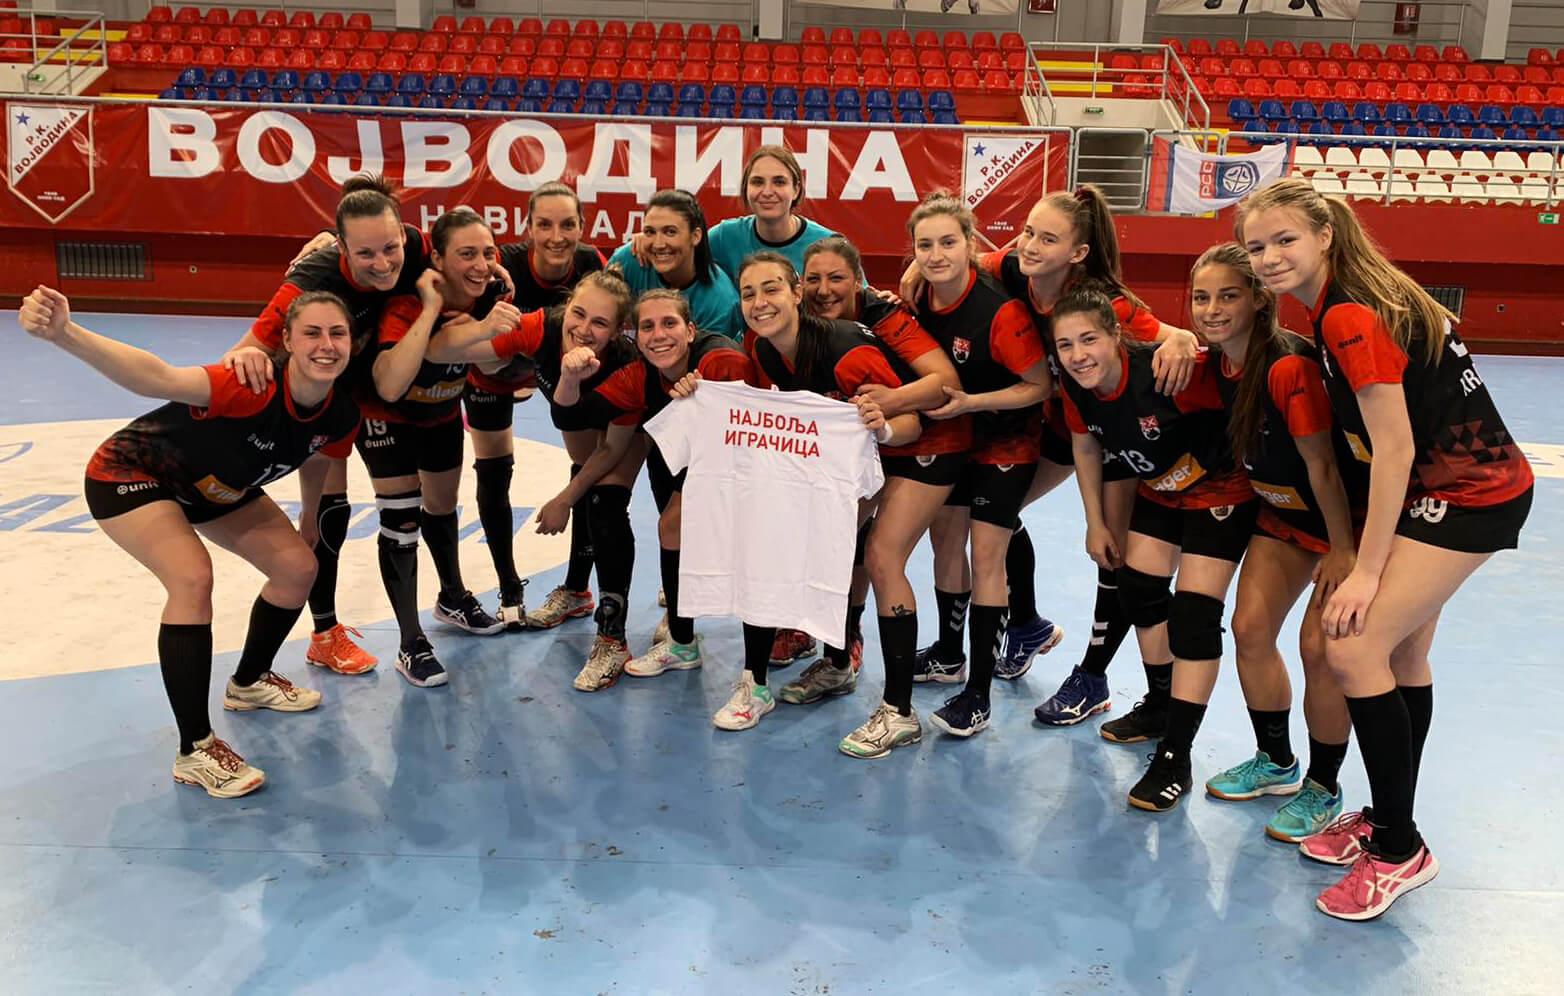 Silni Radnički trijumfovao u Novom Sadu